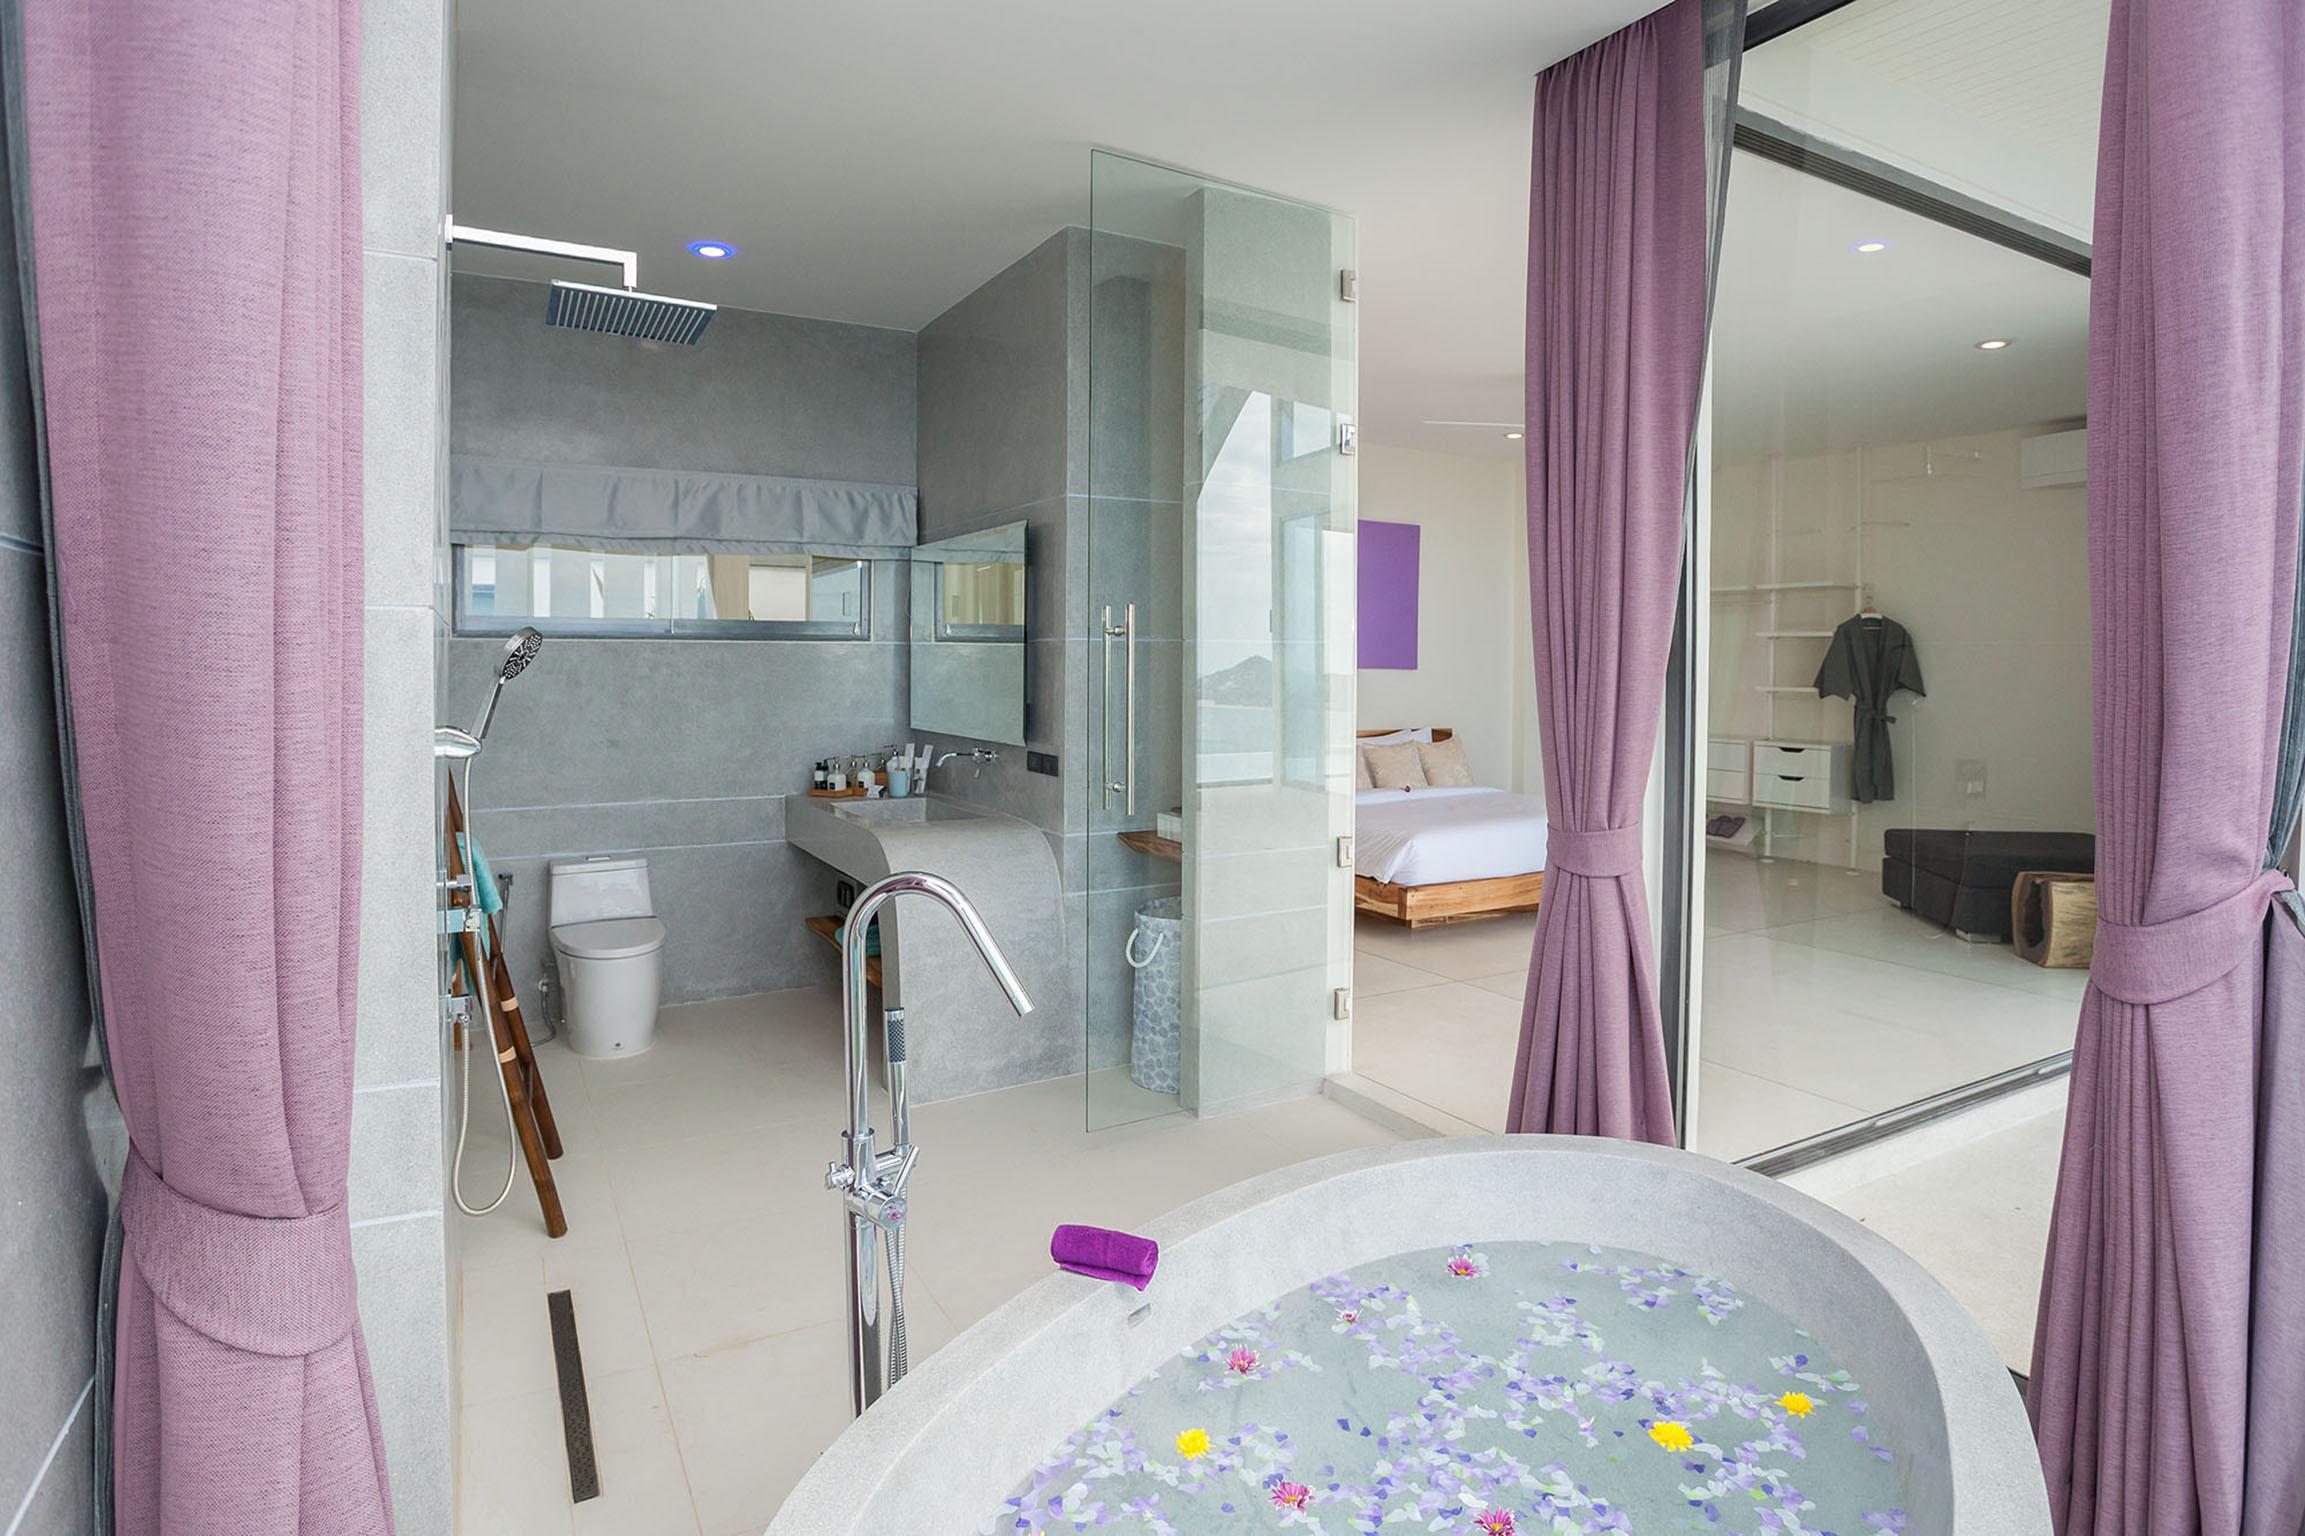 Bath overlooking the bedroom